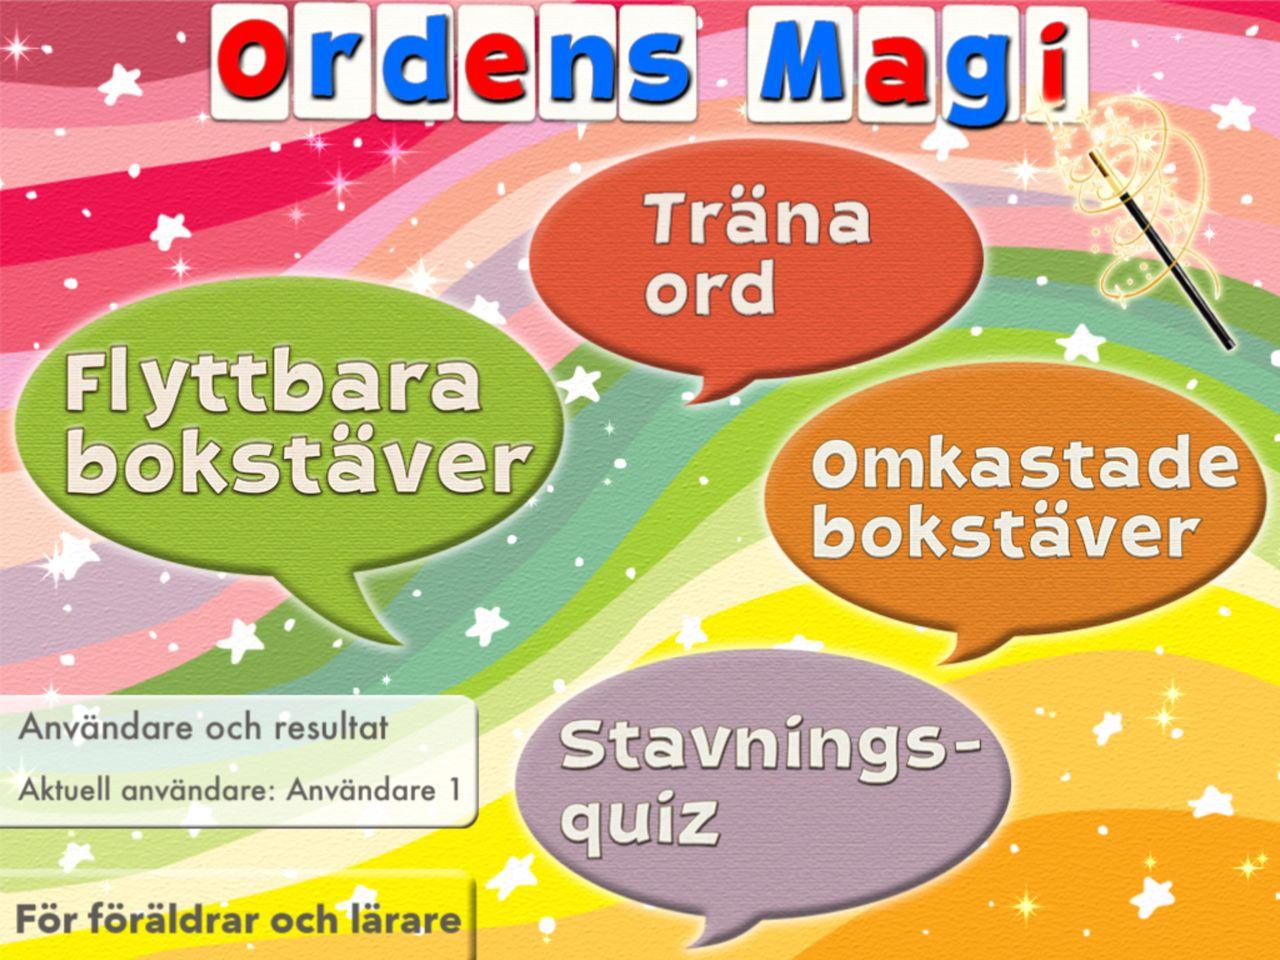 Bilda ord av omkastade bokstäver svenska